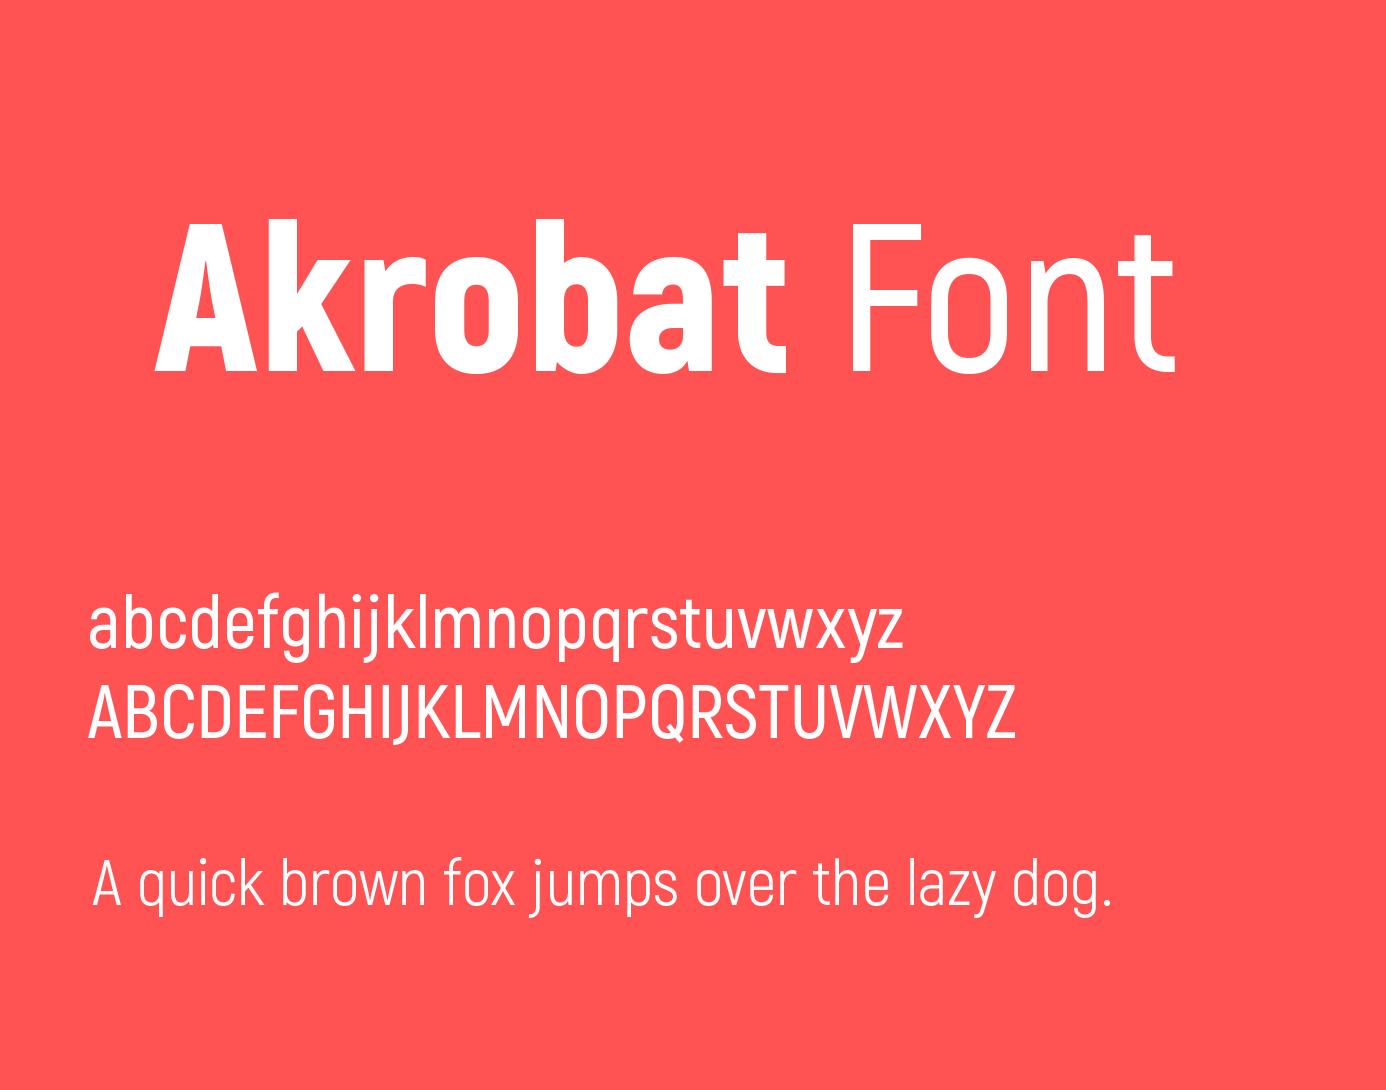 Akrobat Font Free Download